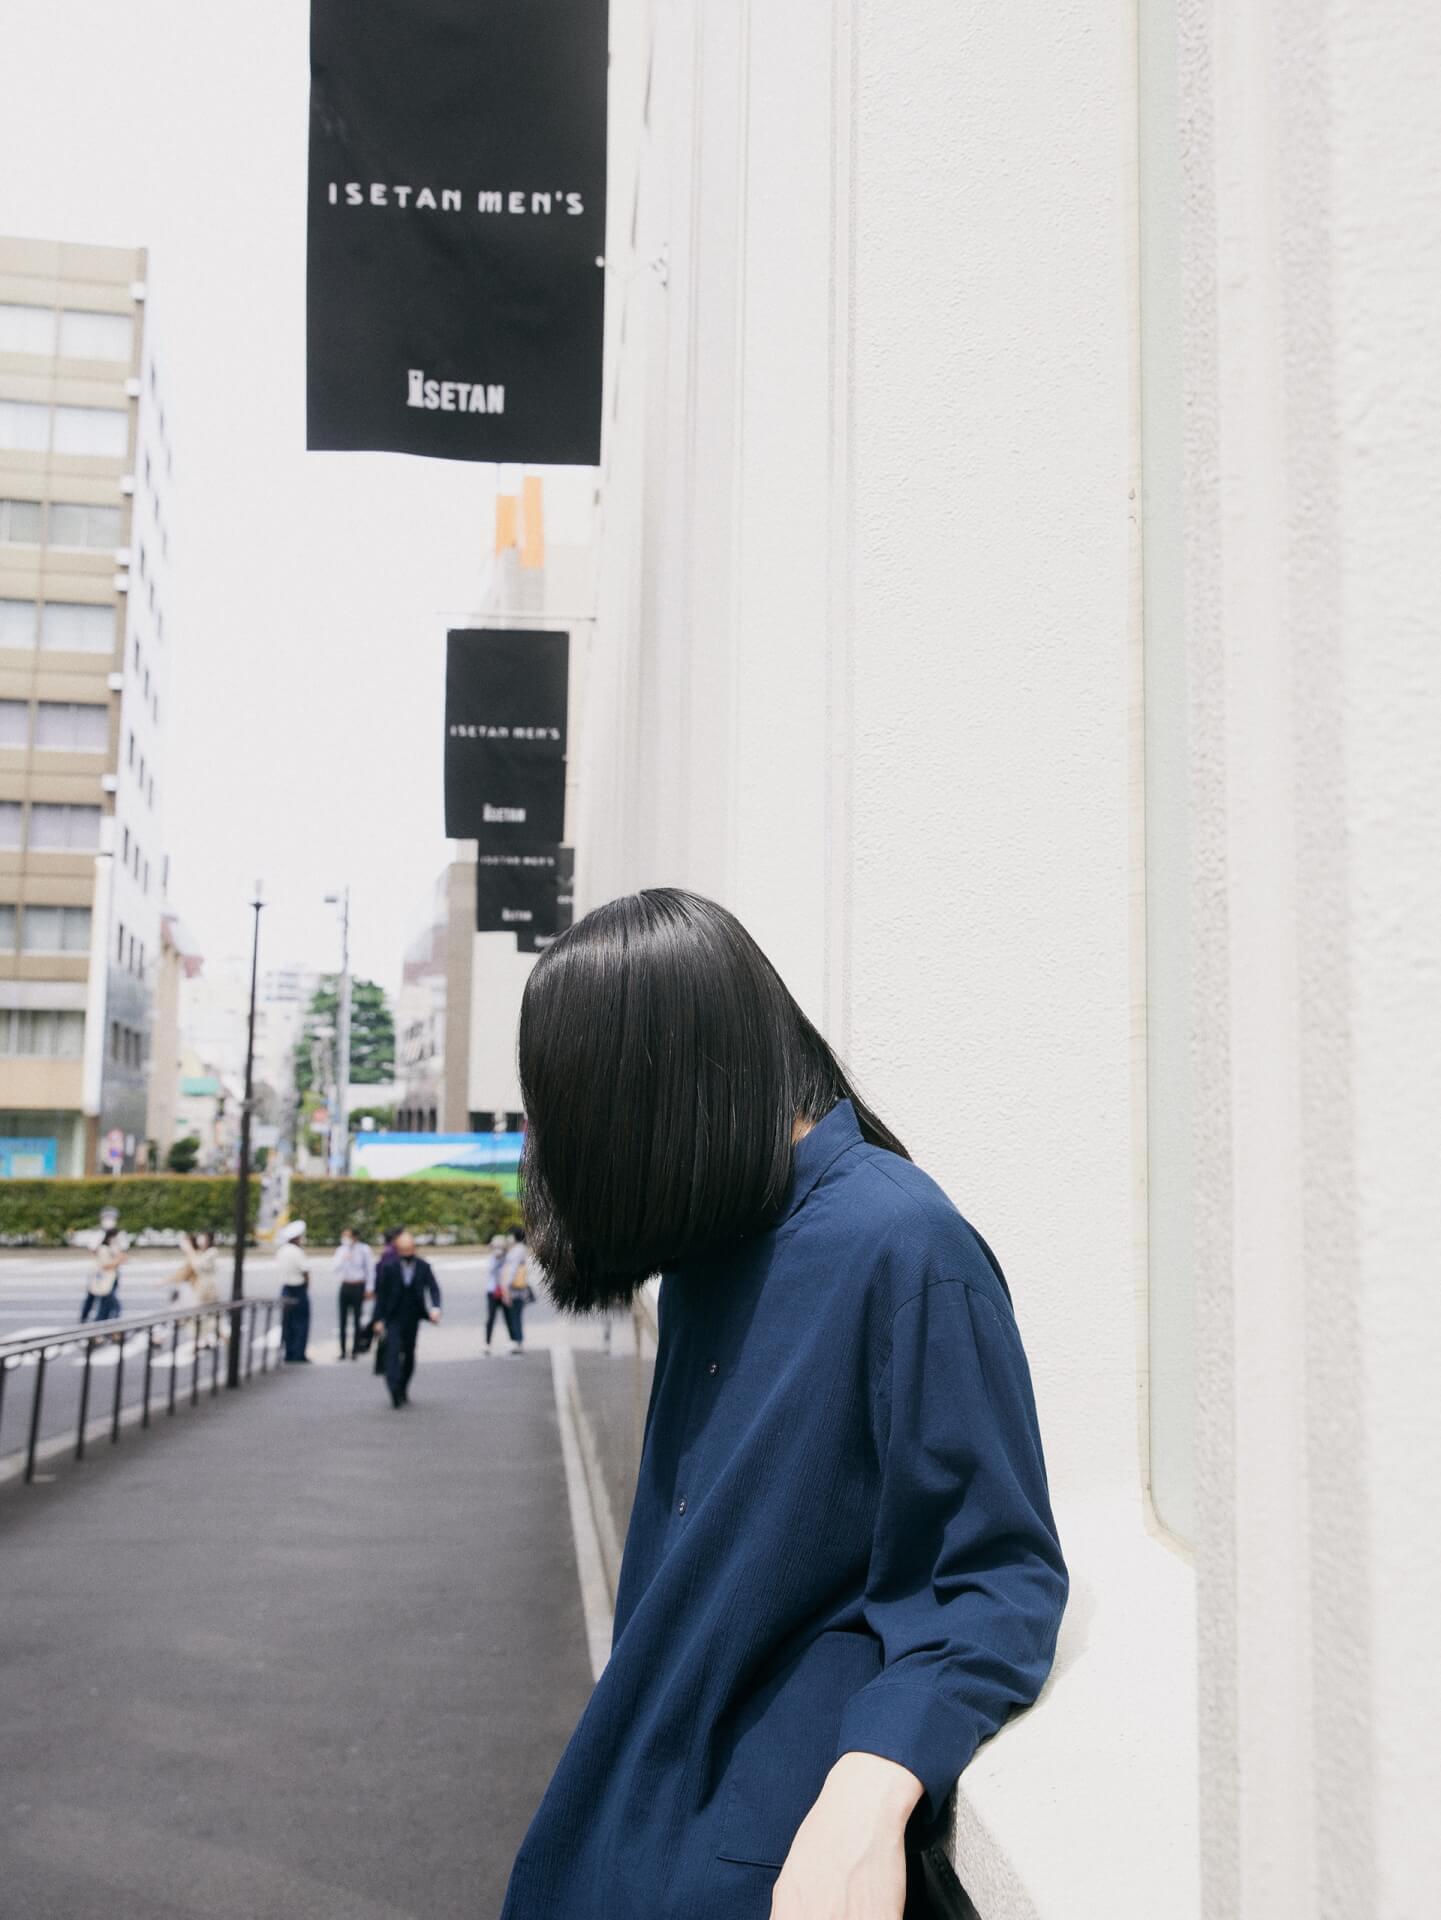 羊文学×伊勢丹新宿店で開催される新感覚ファッションイベント<羊文学 presents ◯△☐>の詳細が発表! Fashion210623_hitujibungaku4